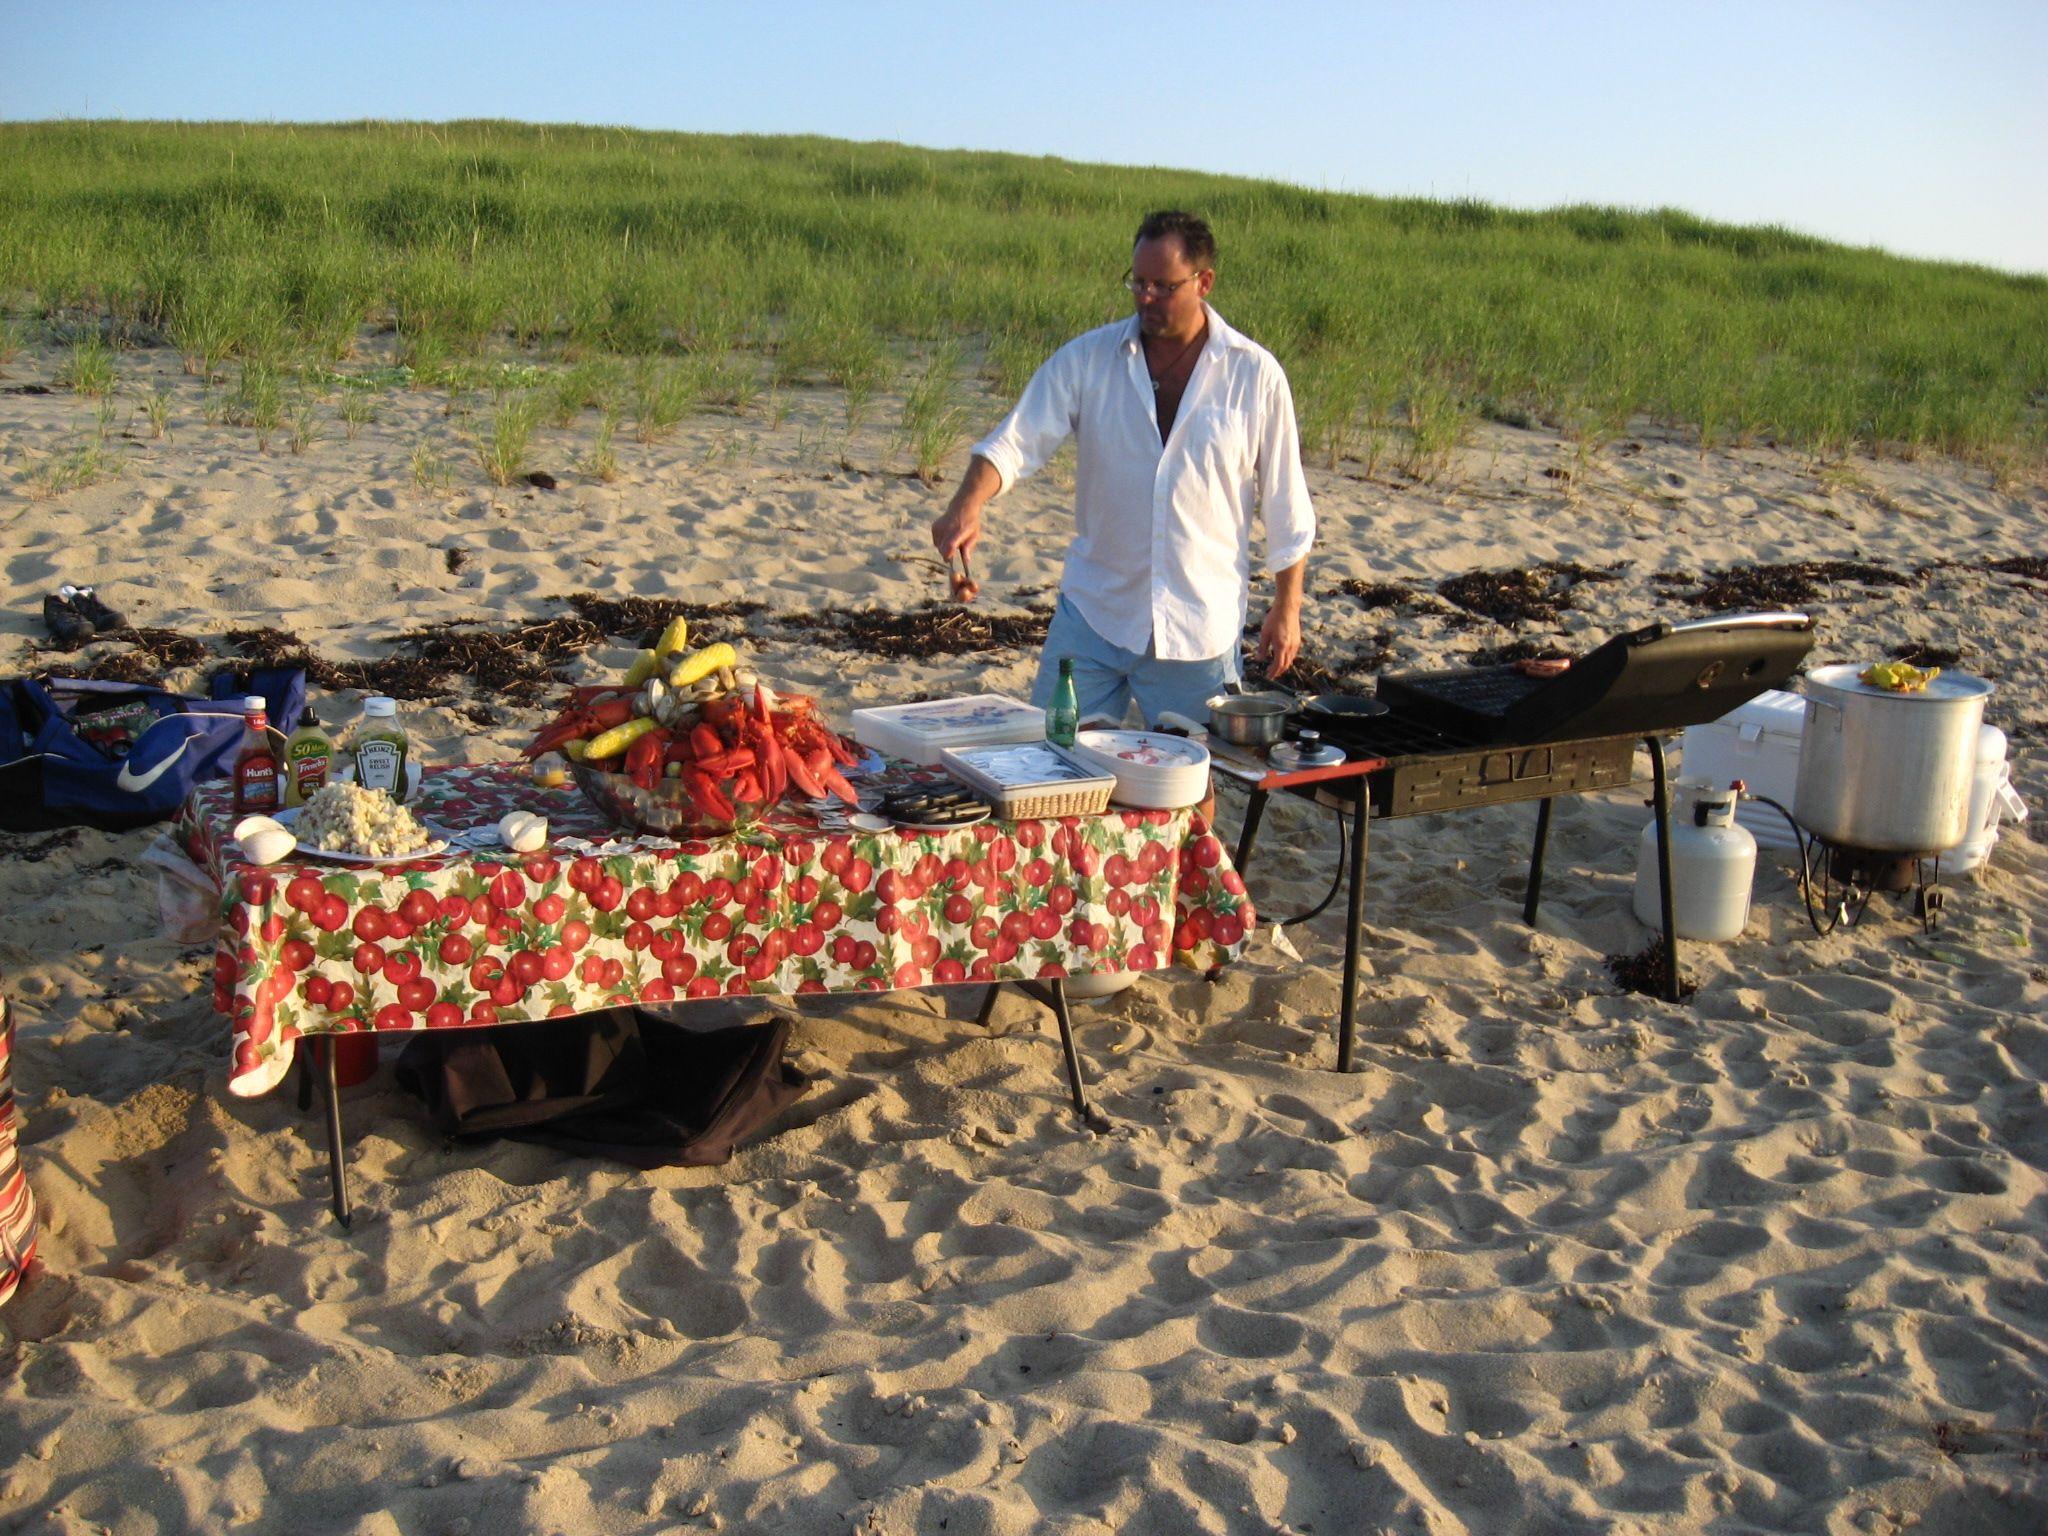 Cape Cod Clam Bake On The Beach